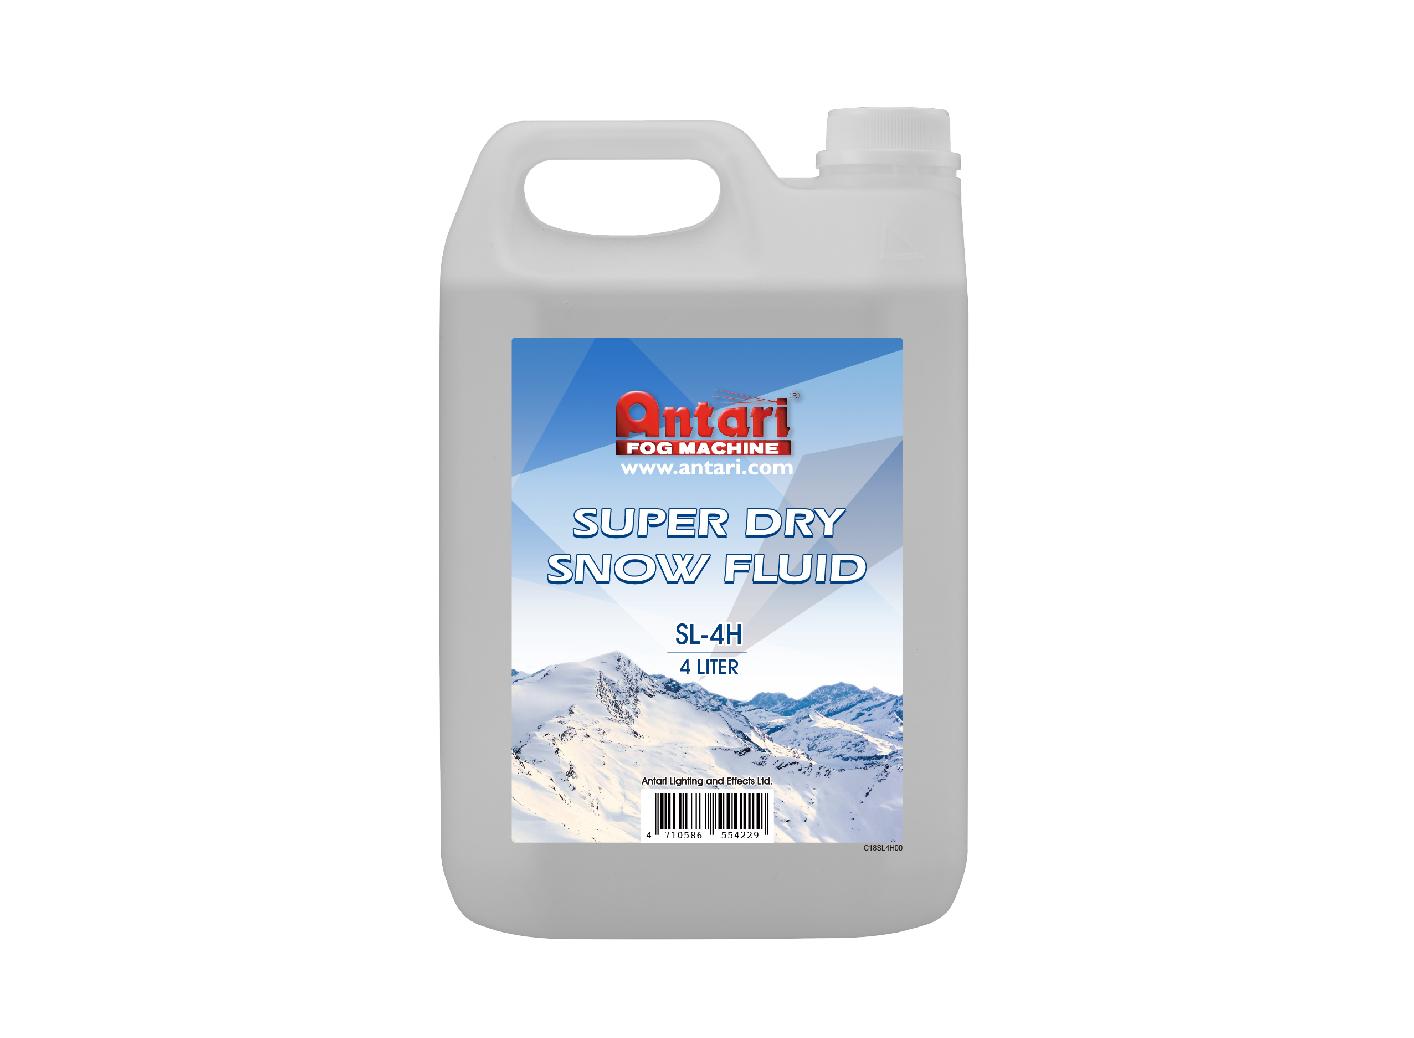 Fluid_SL-4H Super Dry Snow Fluid